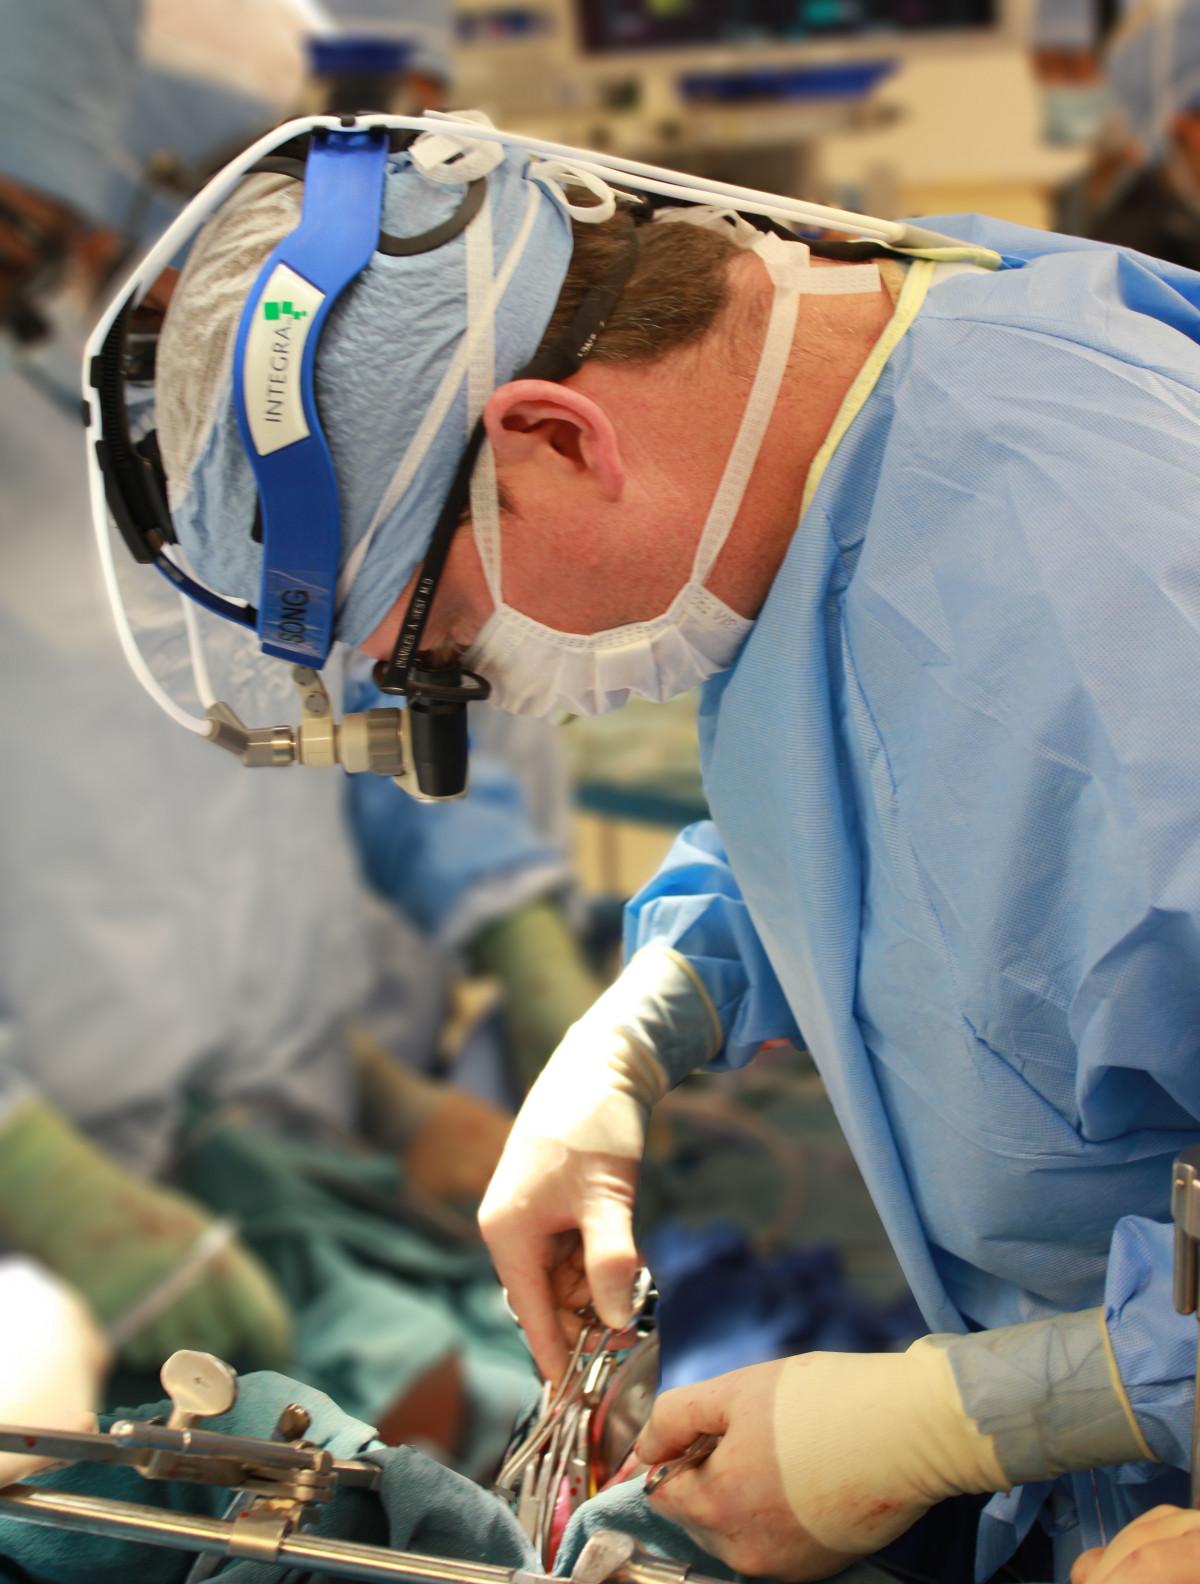 юридические аспекты лечения за границей